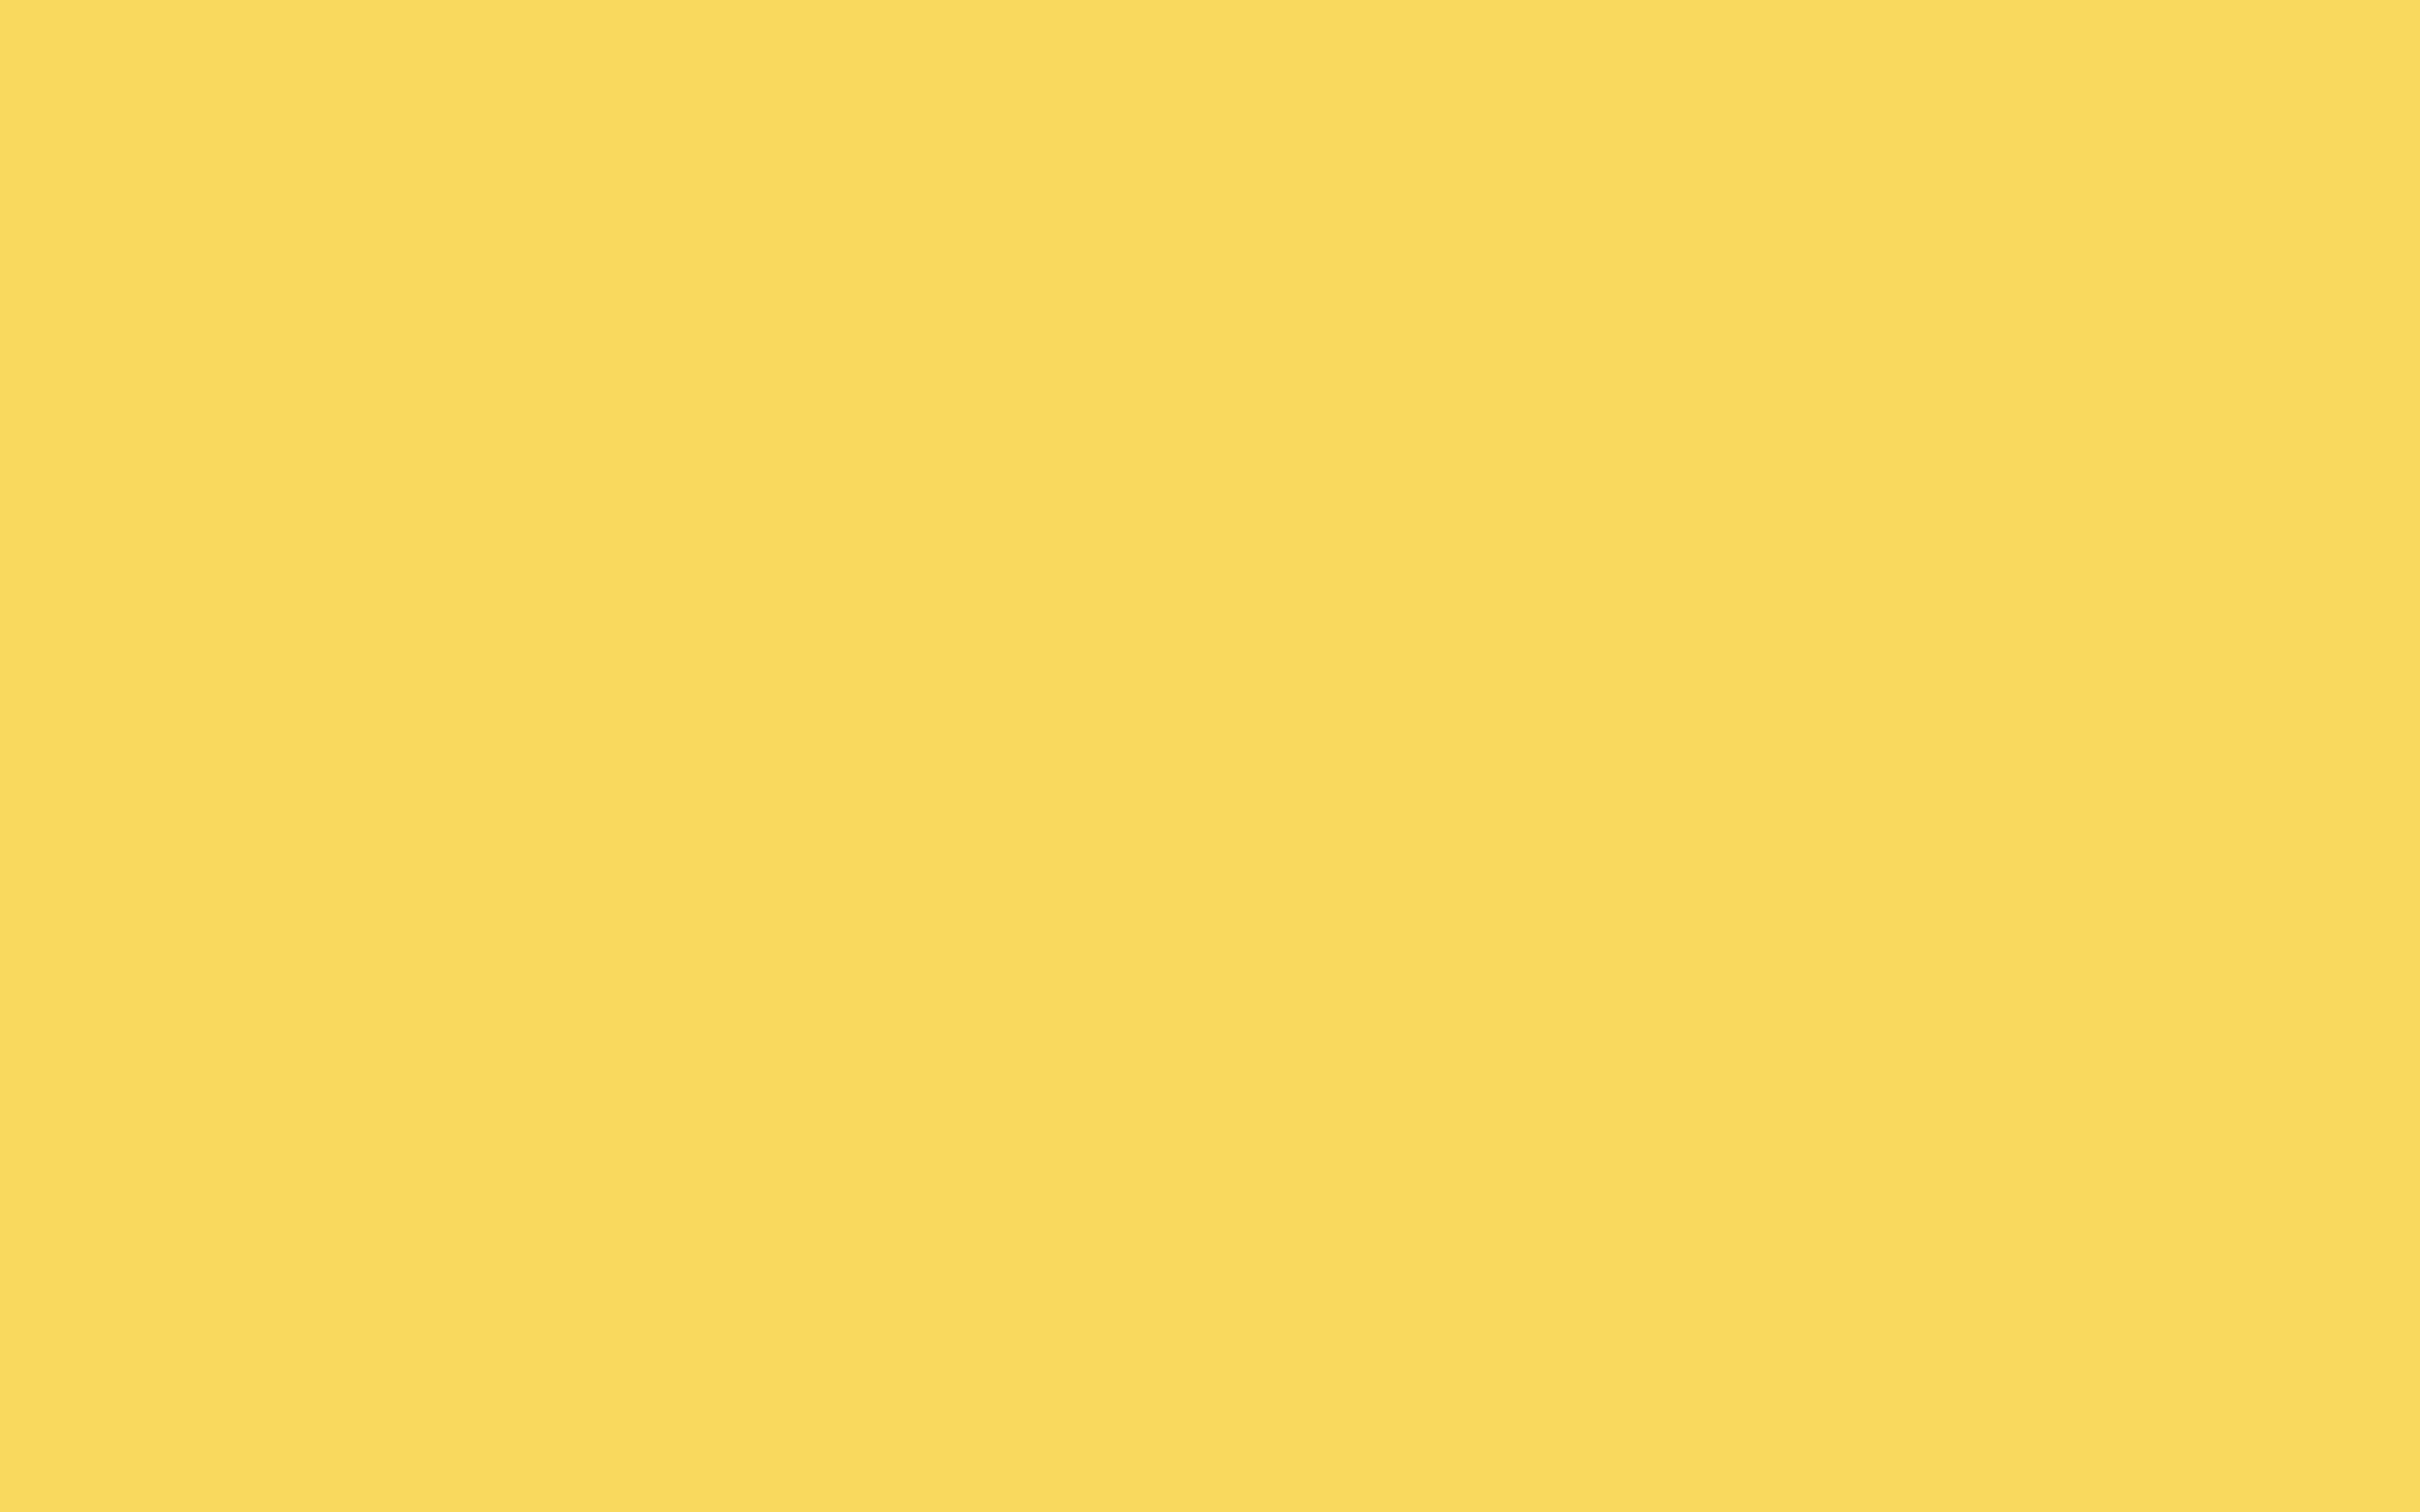 2560x1600 Stil De Grain Yellow Solid Color Background